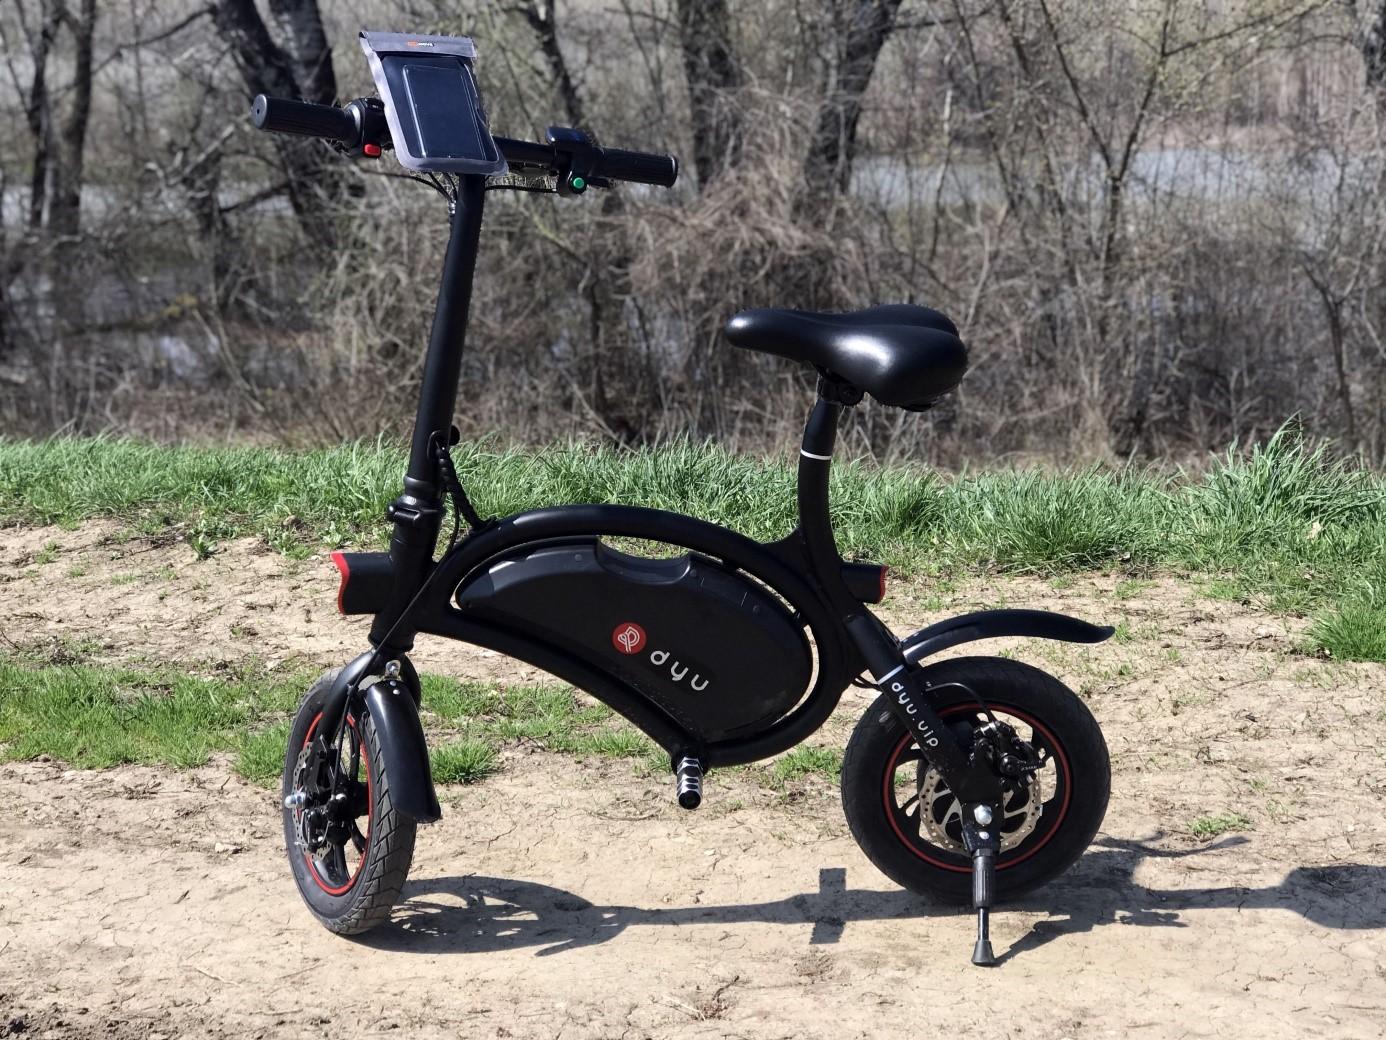 dyu-d1-deluxe-osszecsukhato-elektromos-mini-kerekpar-teszt-bicikli-villanybringa-kismotor-villanymotor-elektromos-motor-f-wheel-minikerekpar-01.jpg